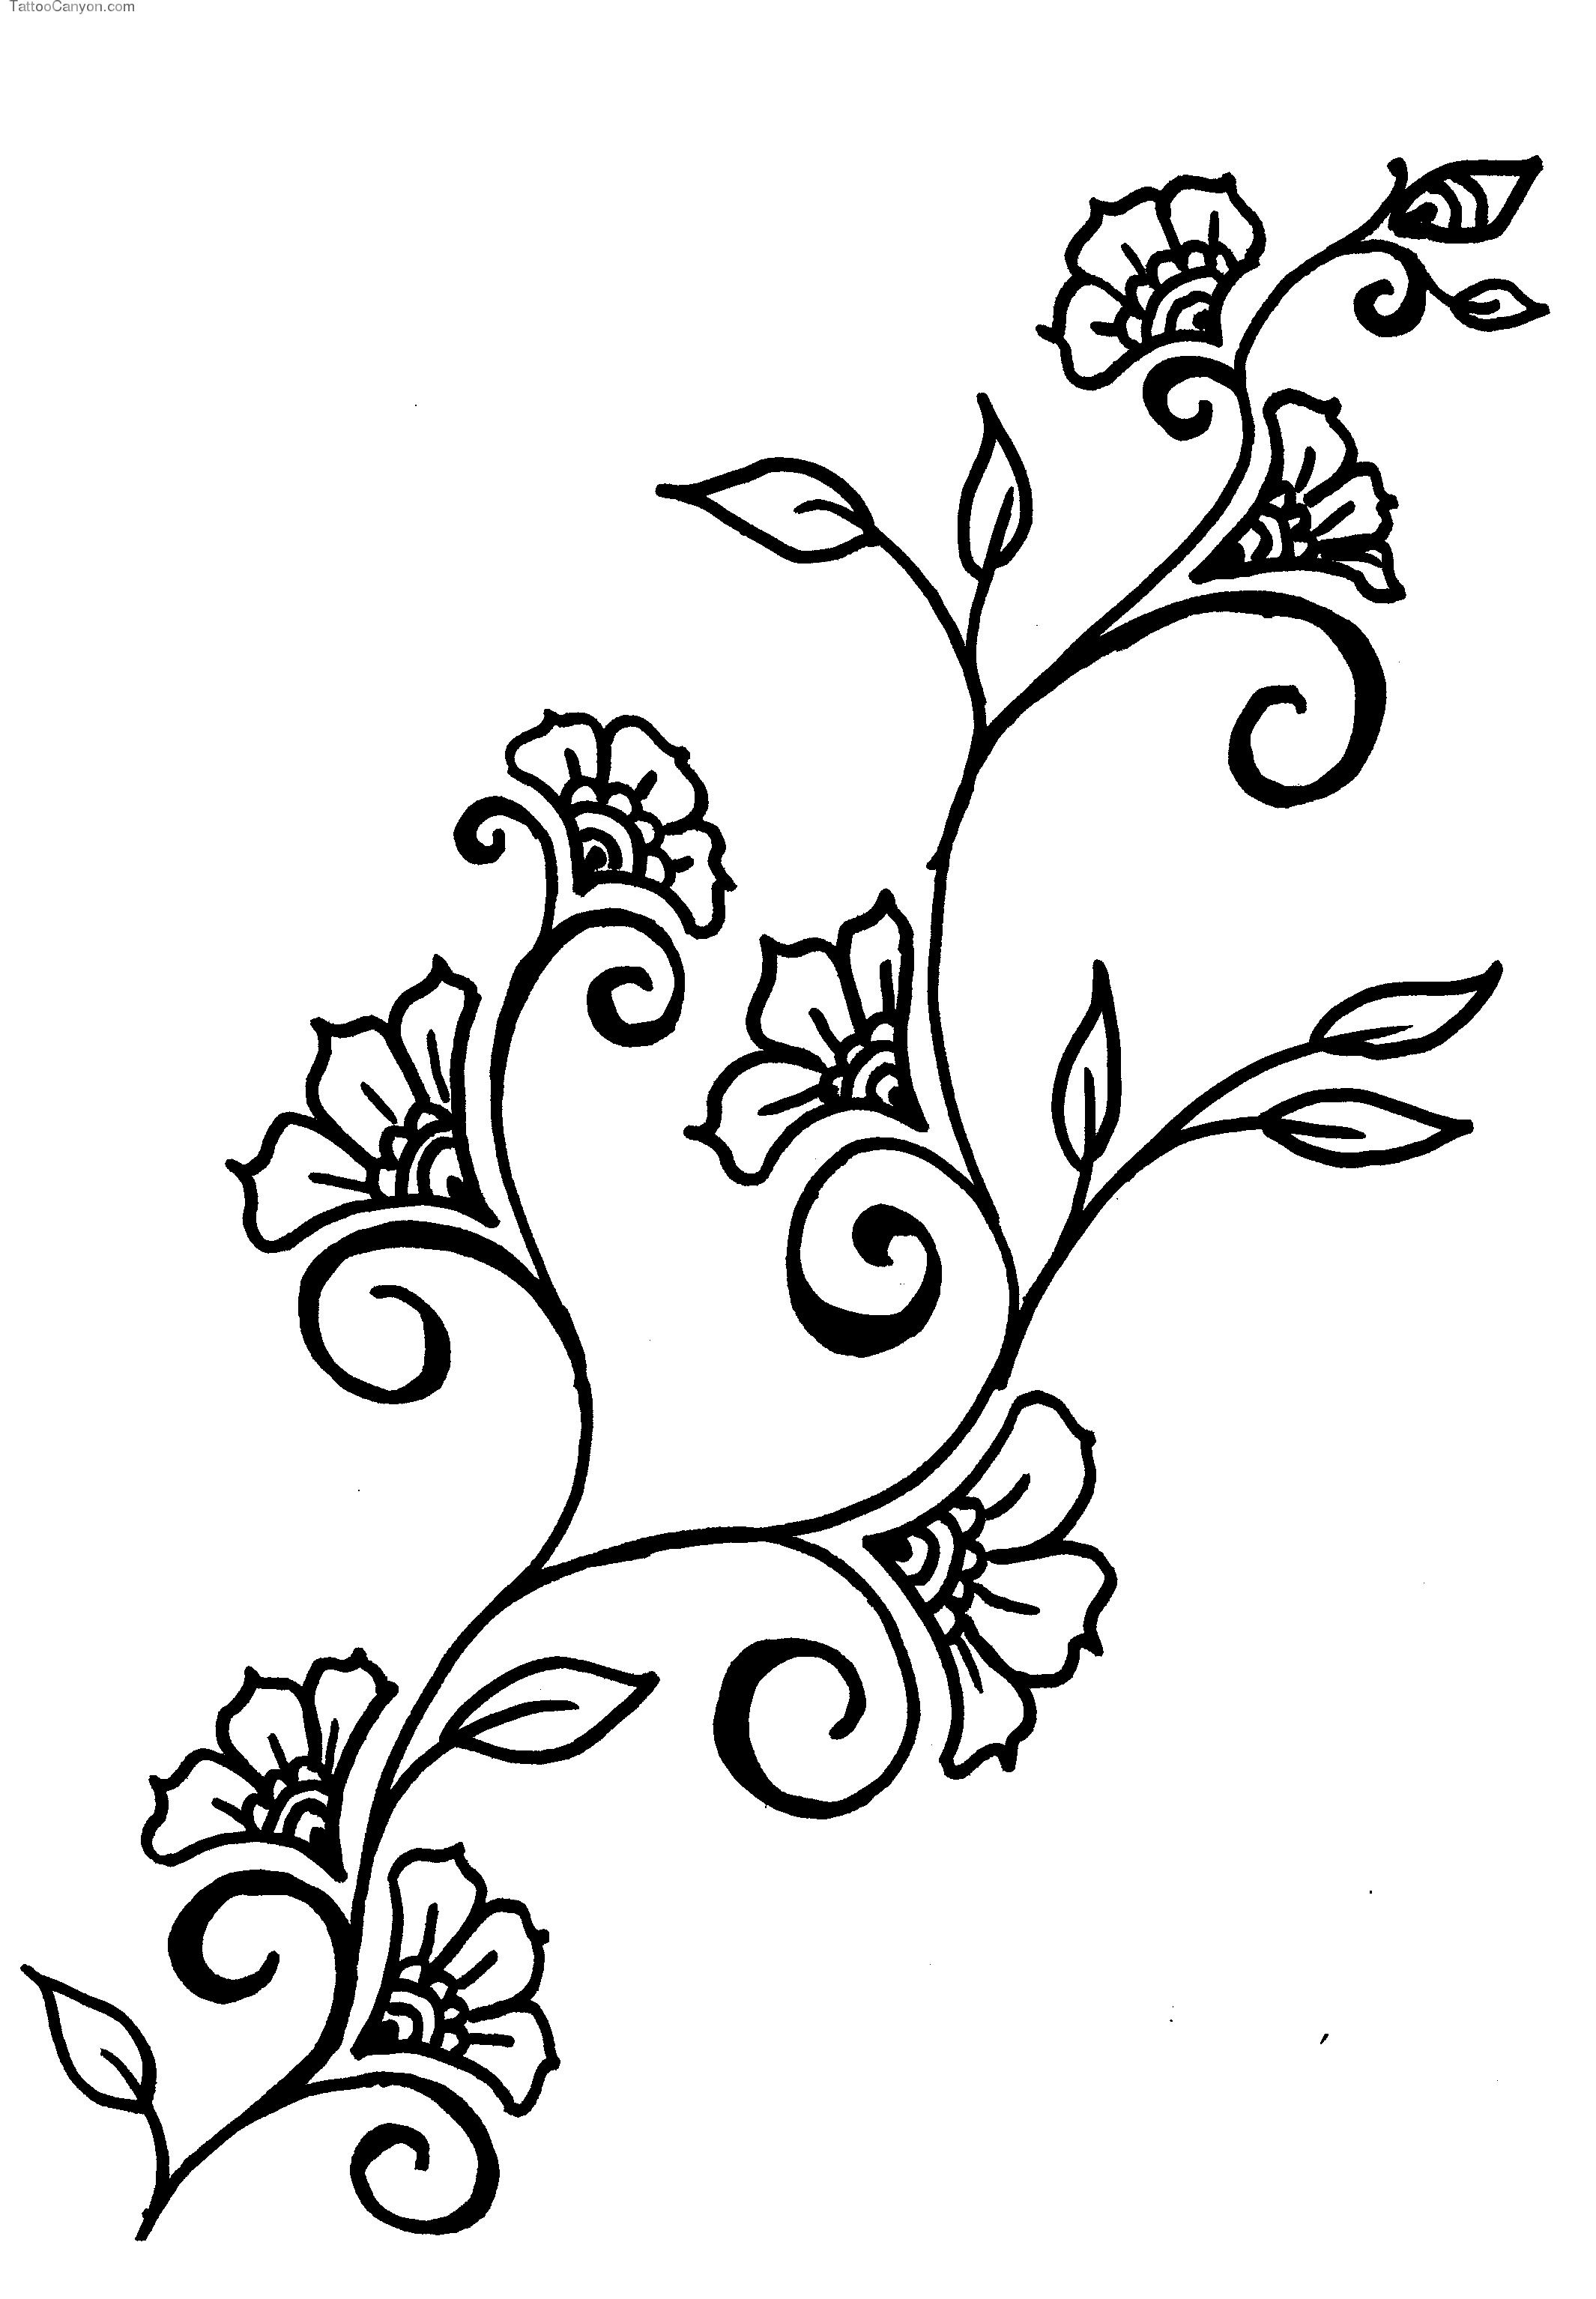 Drawn ivy easy #11